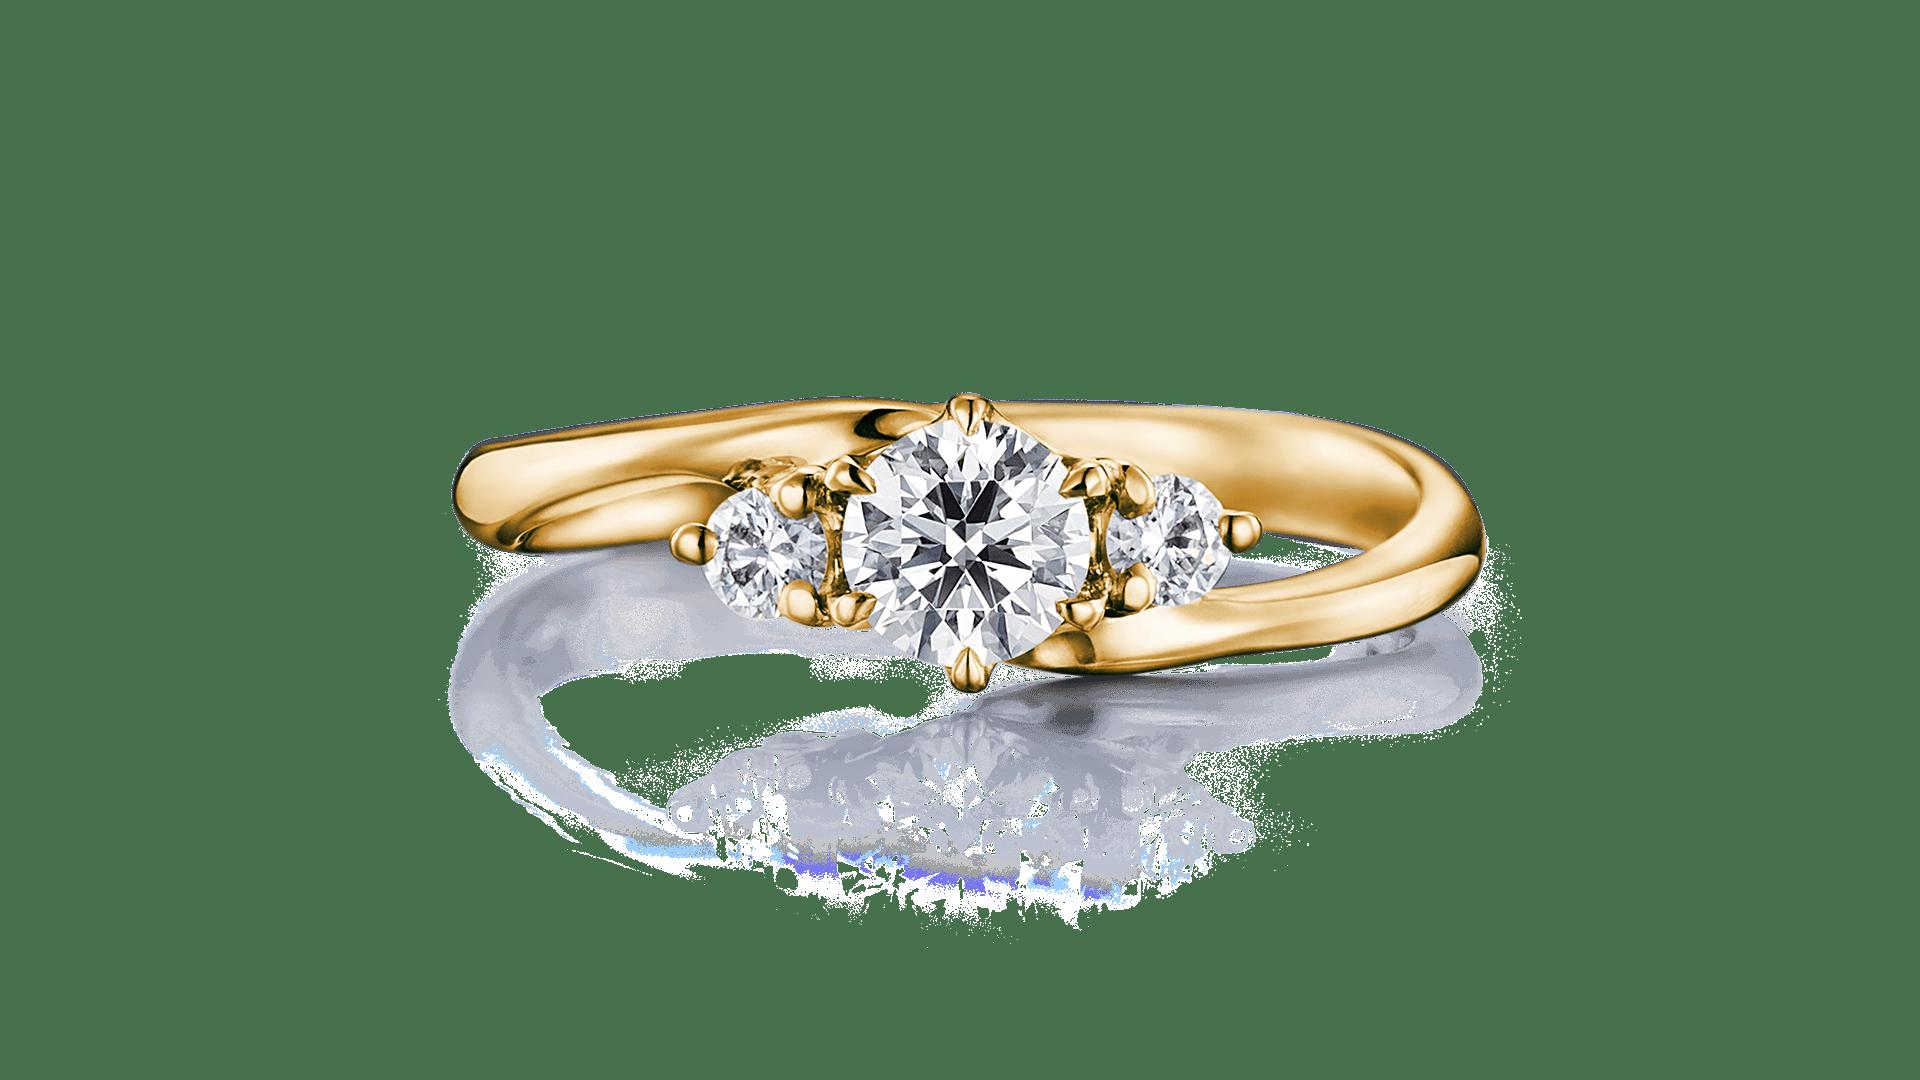 mekalina メカリナ | 婚約指輪サムネイル 1